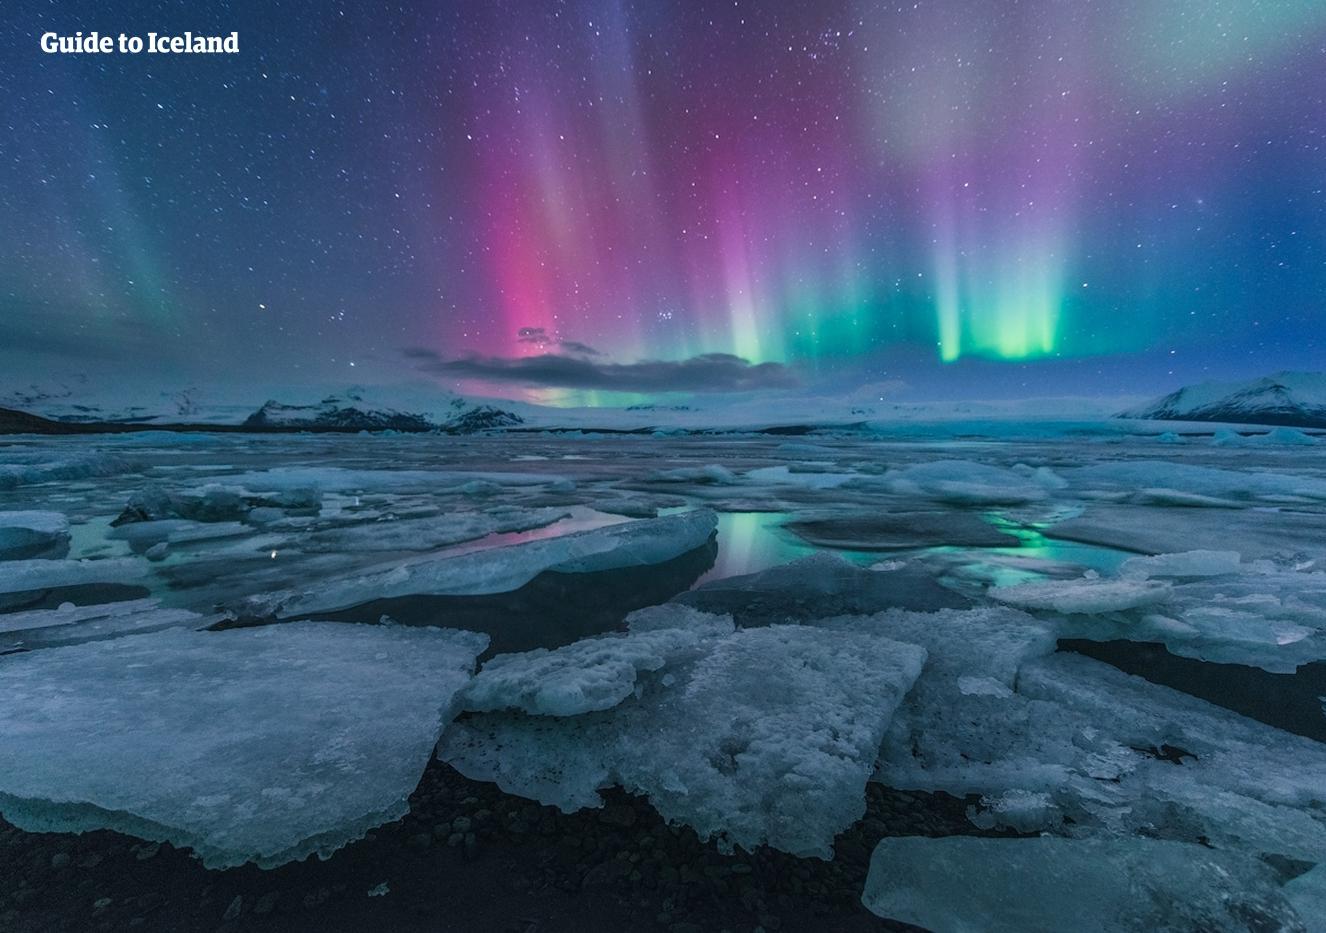 Las hermosas auroras boreales bailando en el cielo sobre la laguna glaciar Jökulsárlón